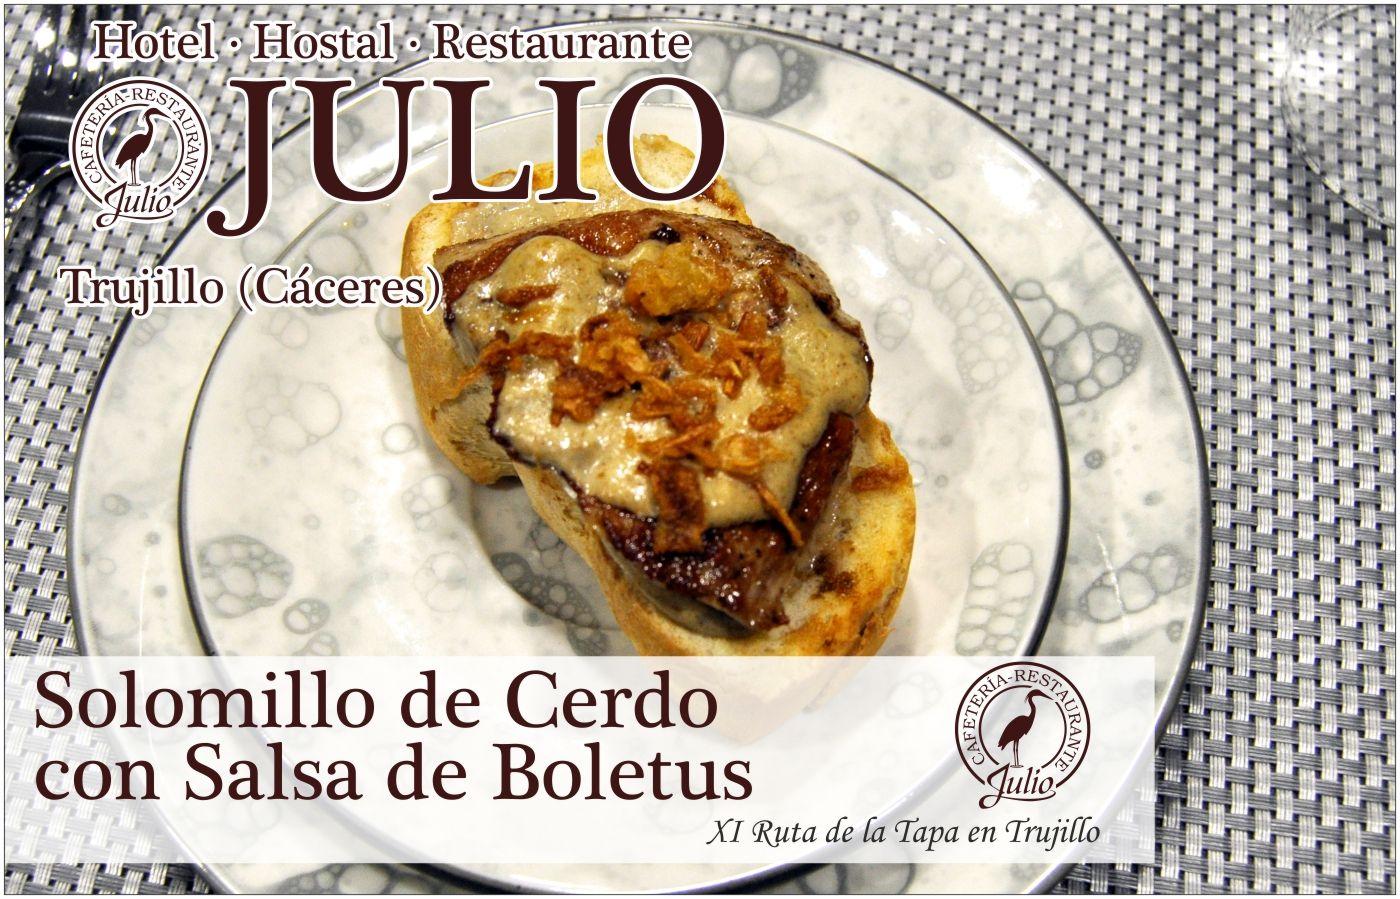 ESPAÑA RESERVA HOTEL EN TRUJILLO JULIO